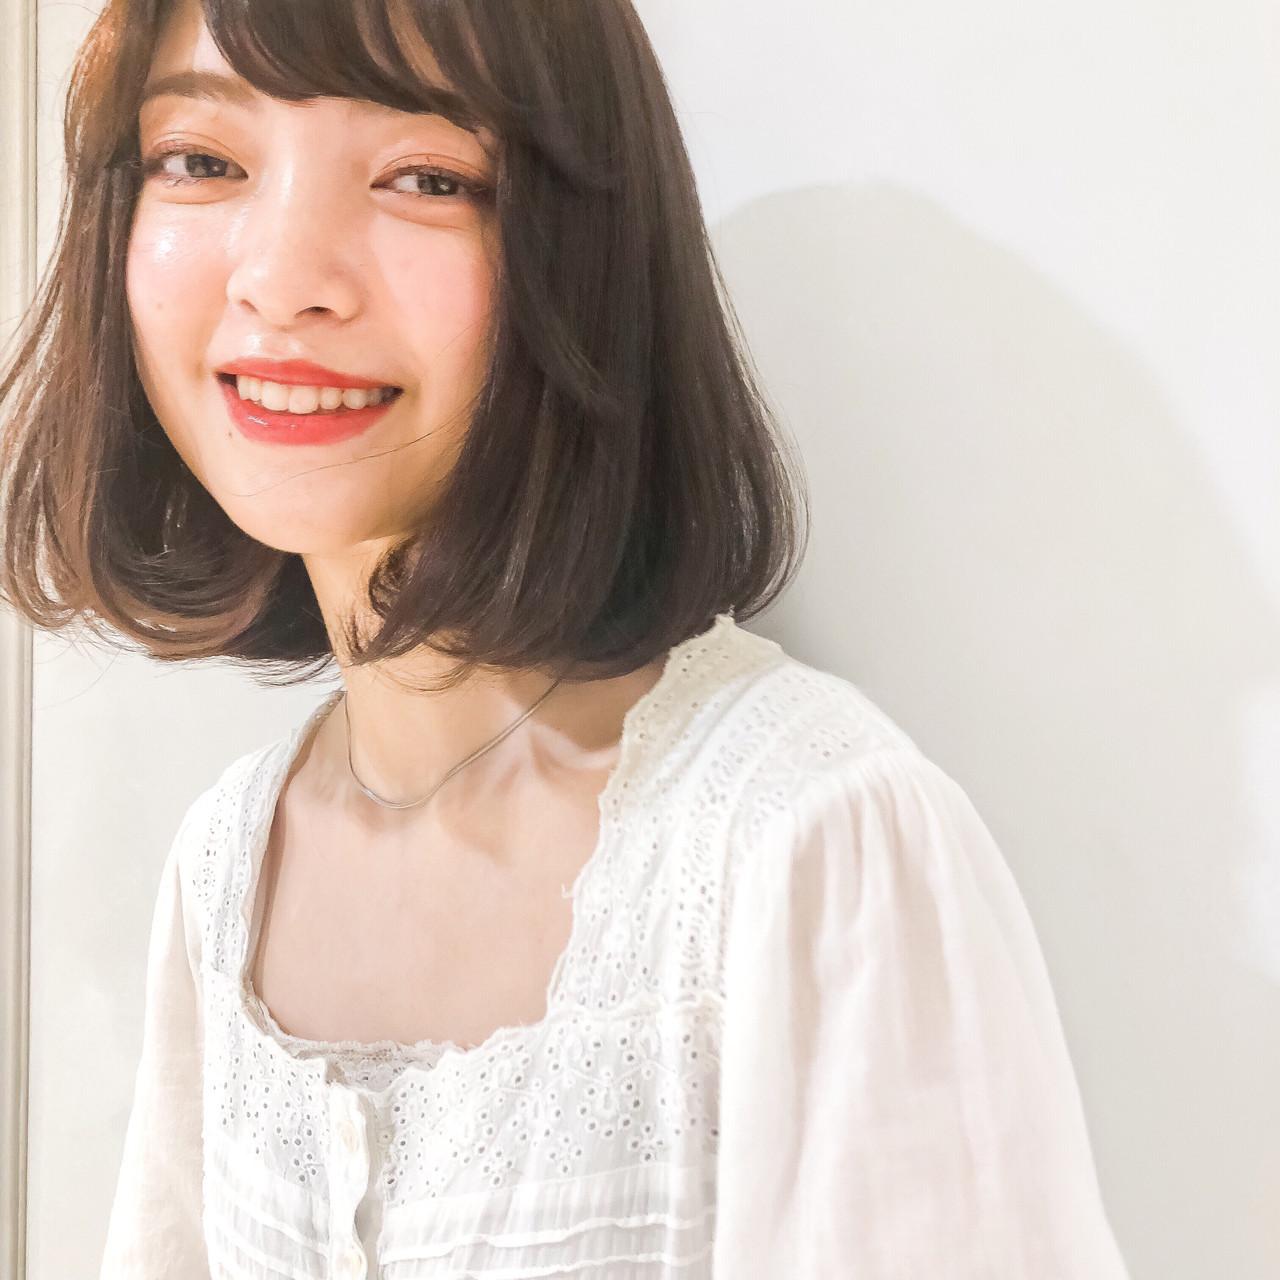 ボブ シースルーバング ロブ 韓国ヘア ヘアスタイルや髪型の写真・画像